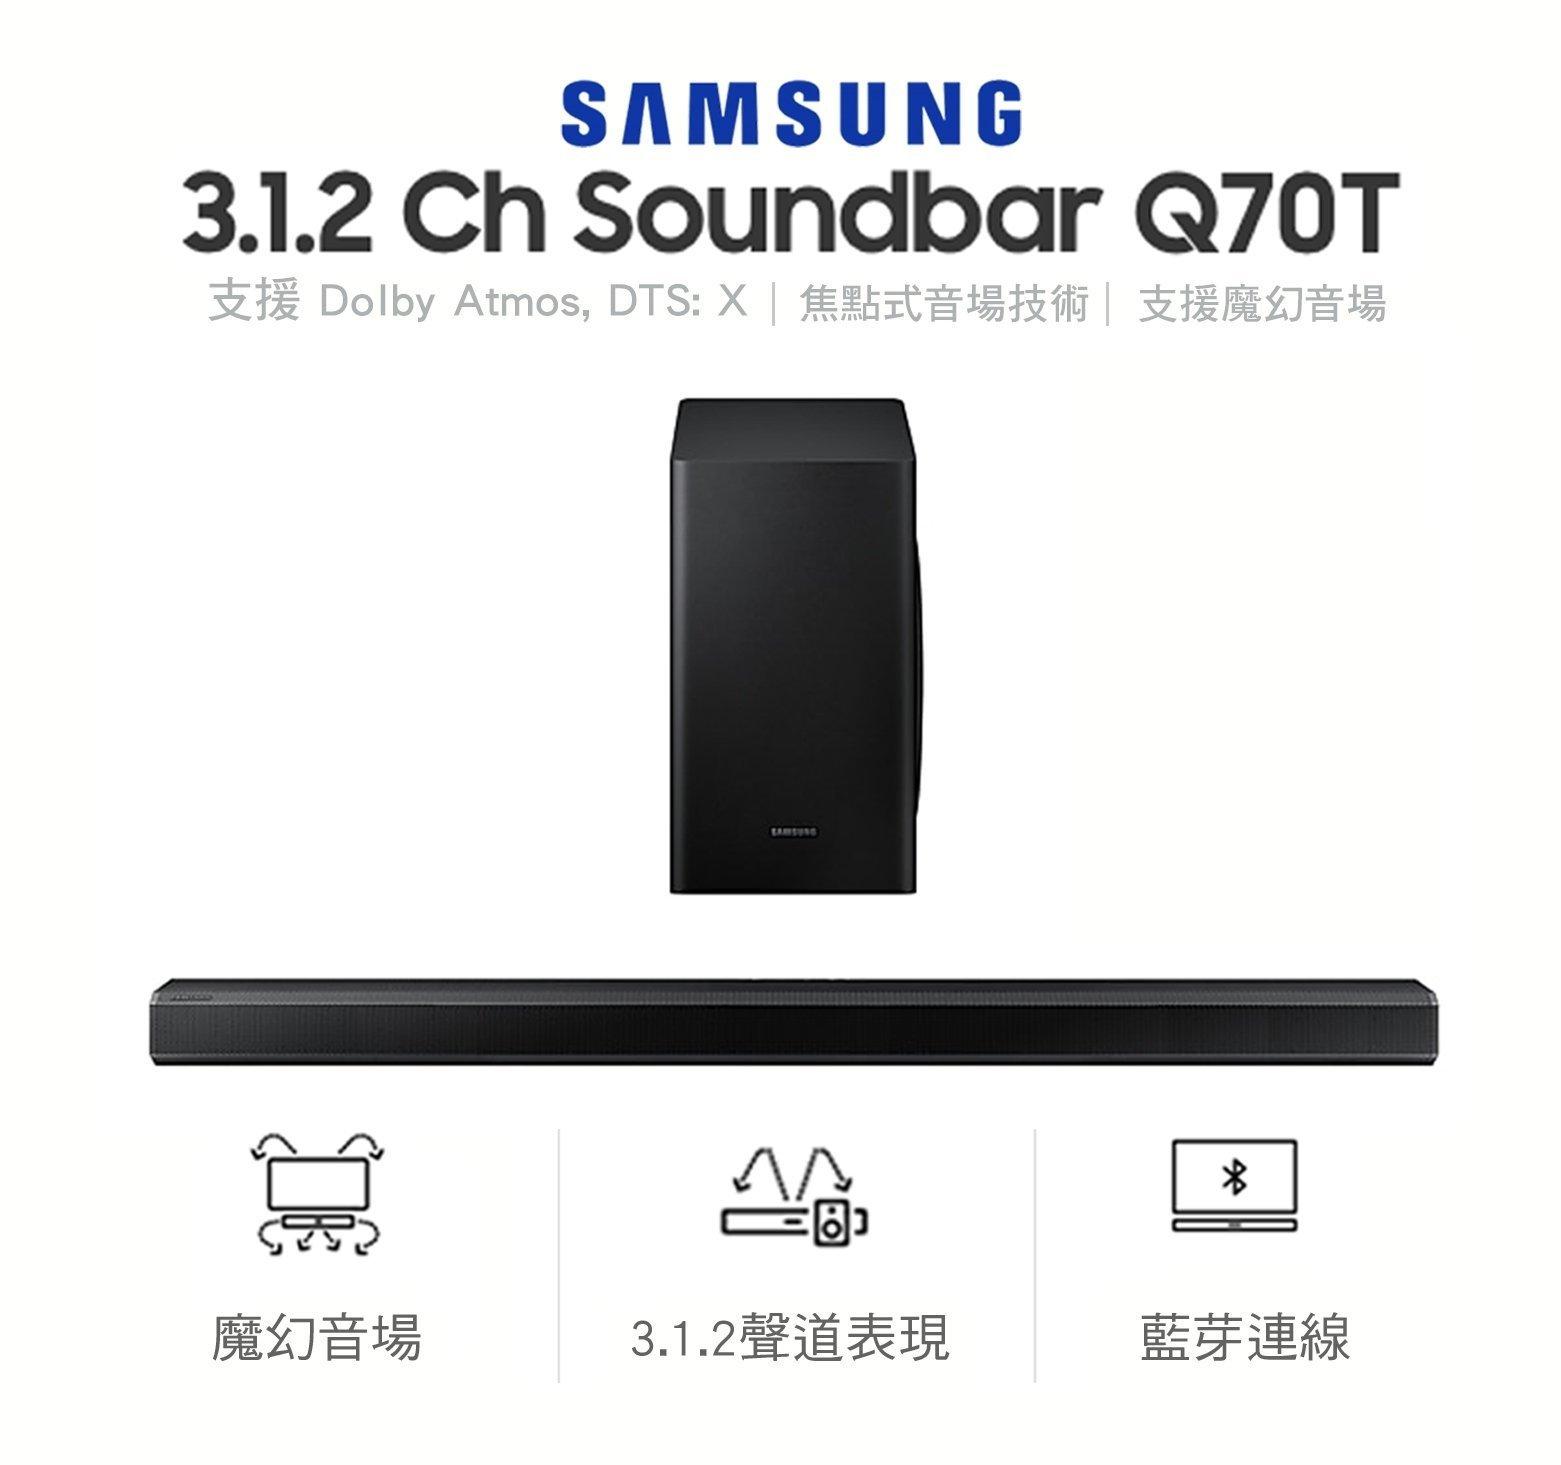 現貨供應》三星SAMSUNG Soundbar Q70T HW-Q70T/ZW台灣公司貨